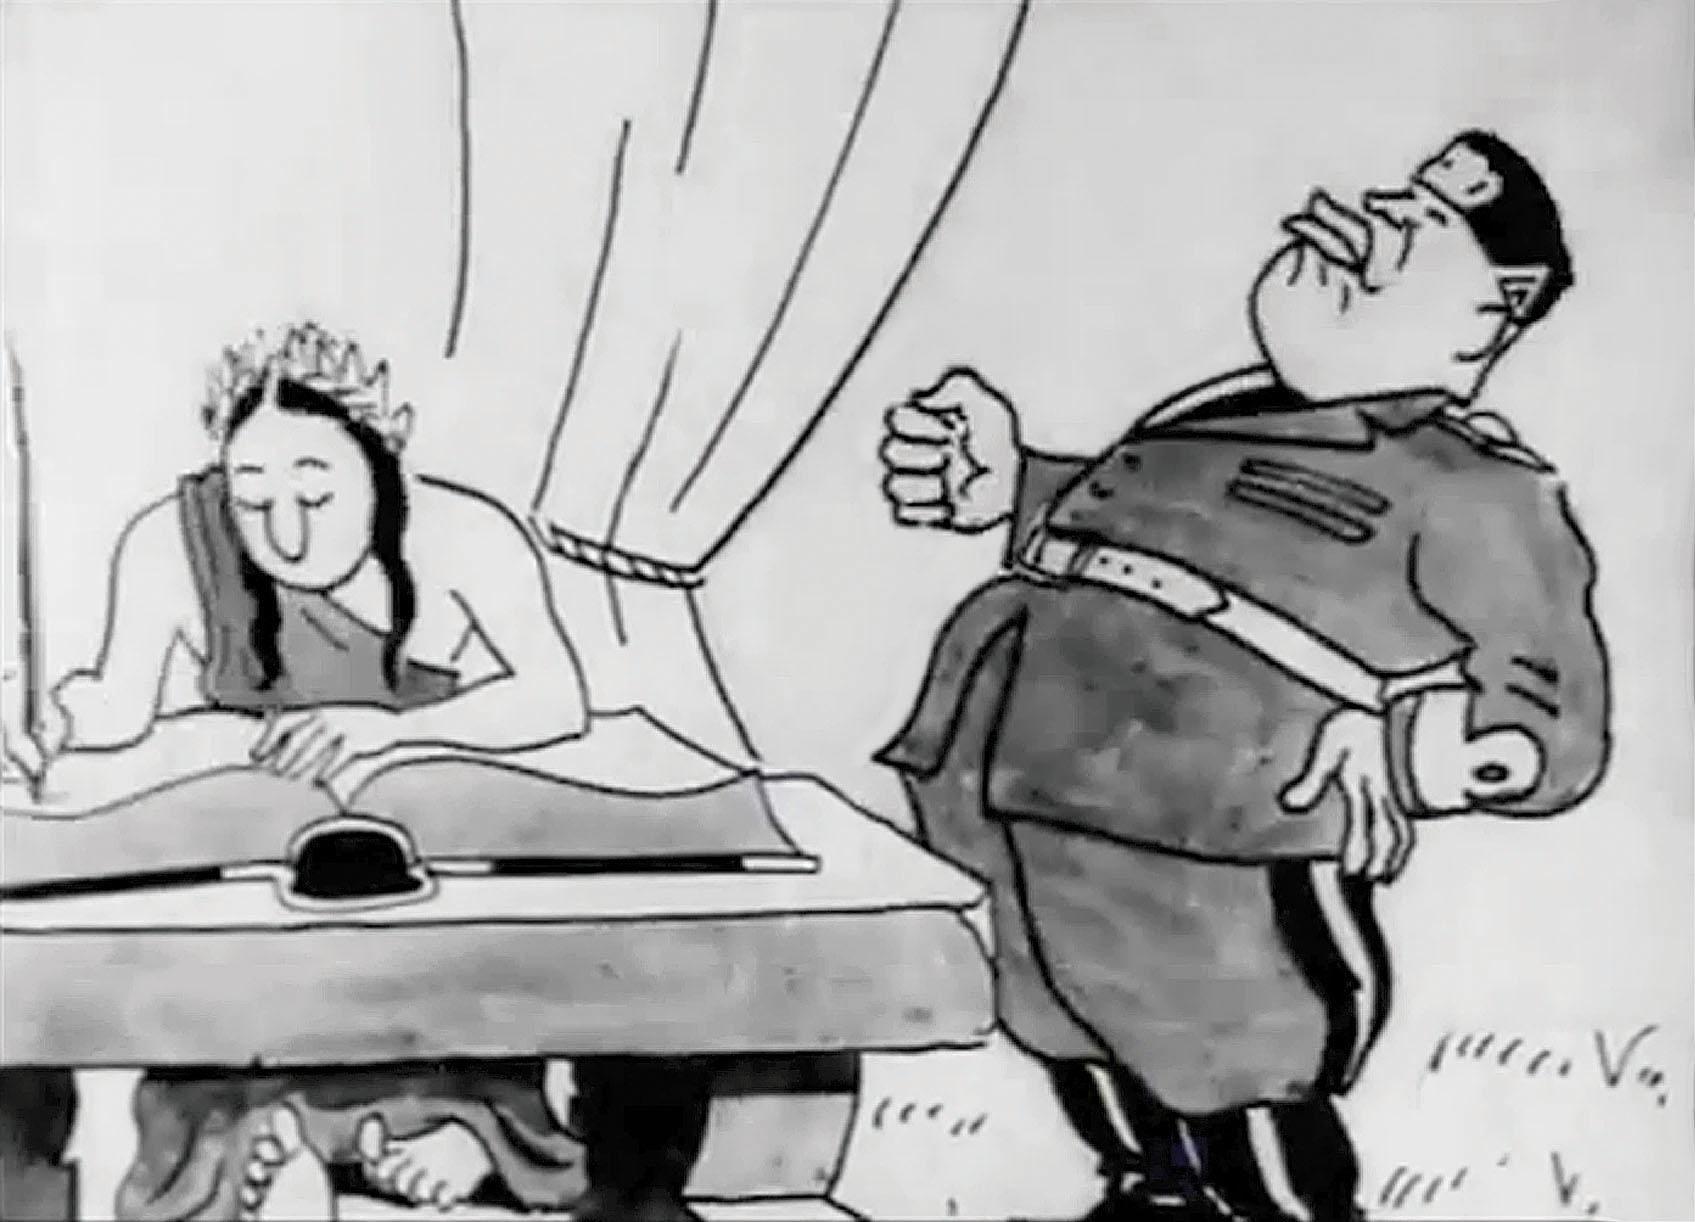 ΚΥΚΛΟΦΟΡΗΣΕ Ο ΚΑΤΑΛΟΓΟΣ 70 ΧΡΟΝΙΑ ΔΗΜΙΟΥΡΓΙΑΣ ΕΛΛΗΝΙΚΩΝ ΚΙΝΟΥΜΕΝΩΝ ΣΧΕΔΙΩΝ